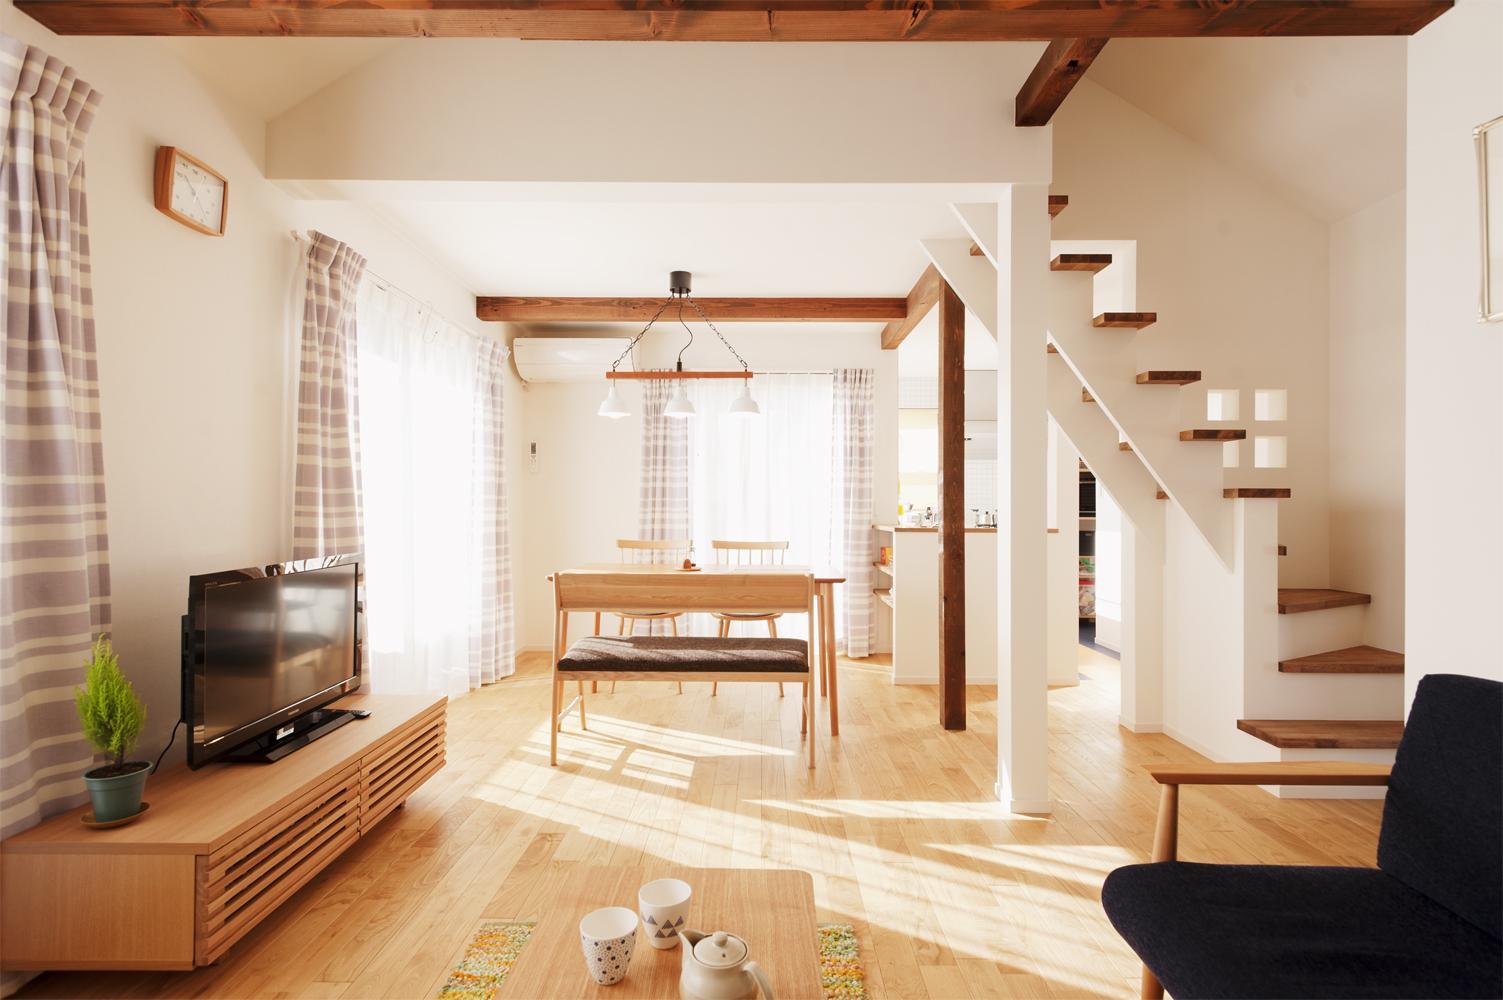 築27年の中古住宅を断熱性と耐震性をアップして、長く安心して暮らせる住まいにリノベーション。1階は個室と水まわりを集約し、日当たりのいい2階に明るく開放的なLDKを設置しました。